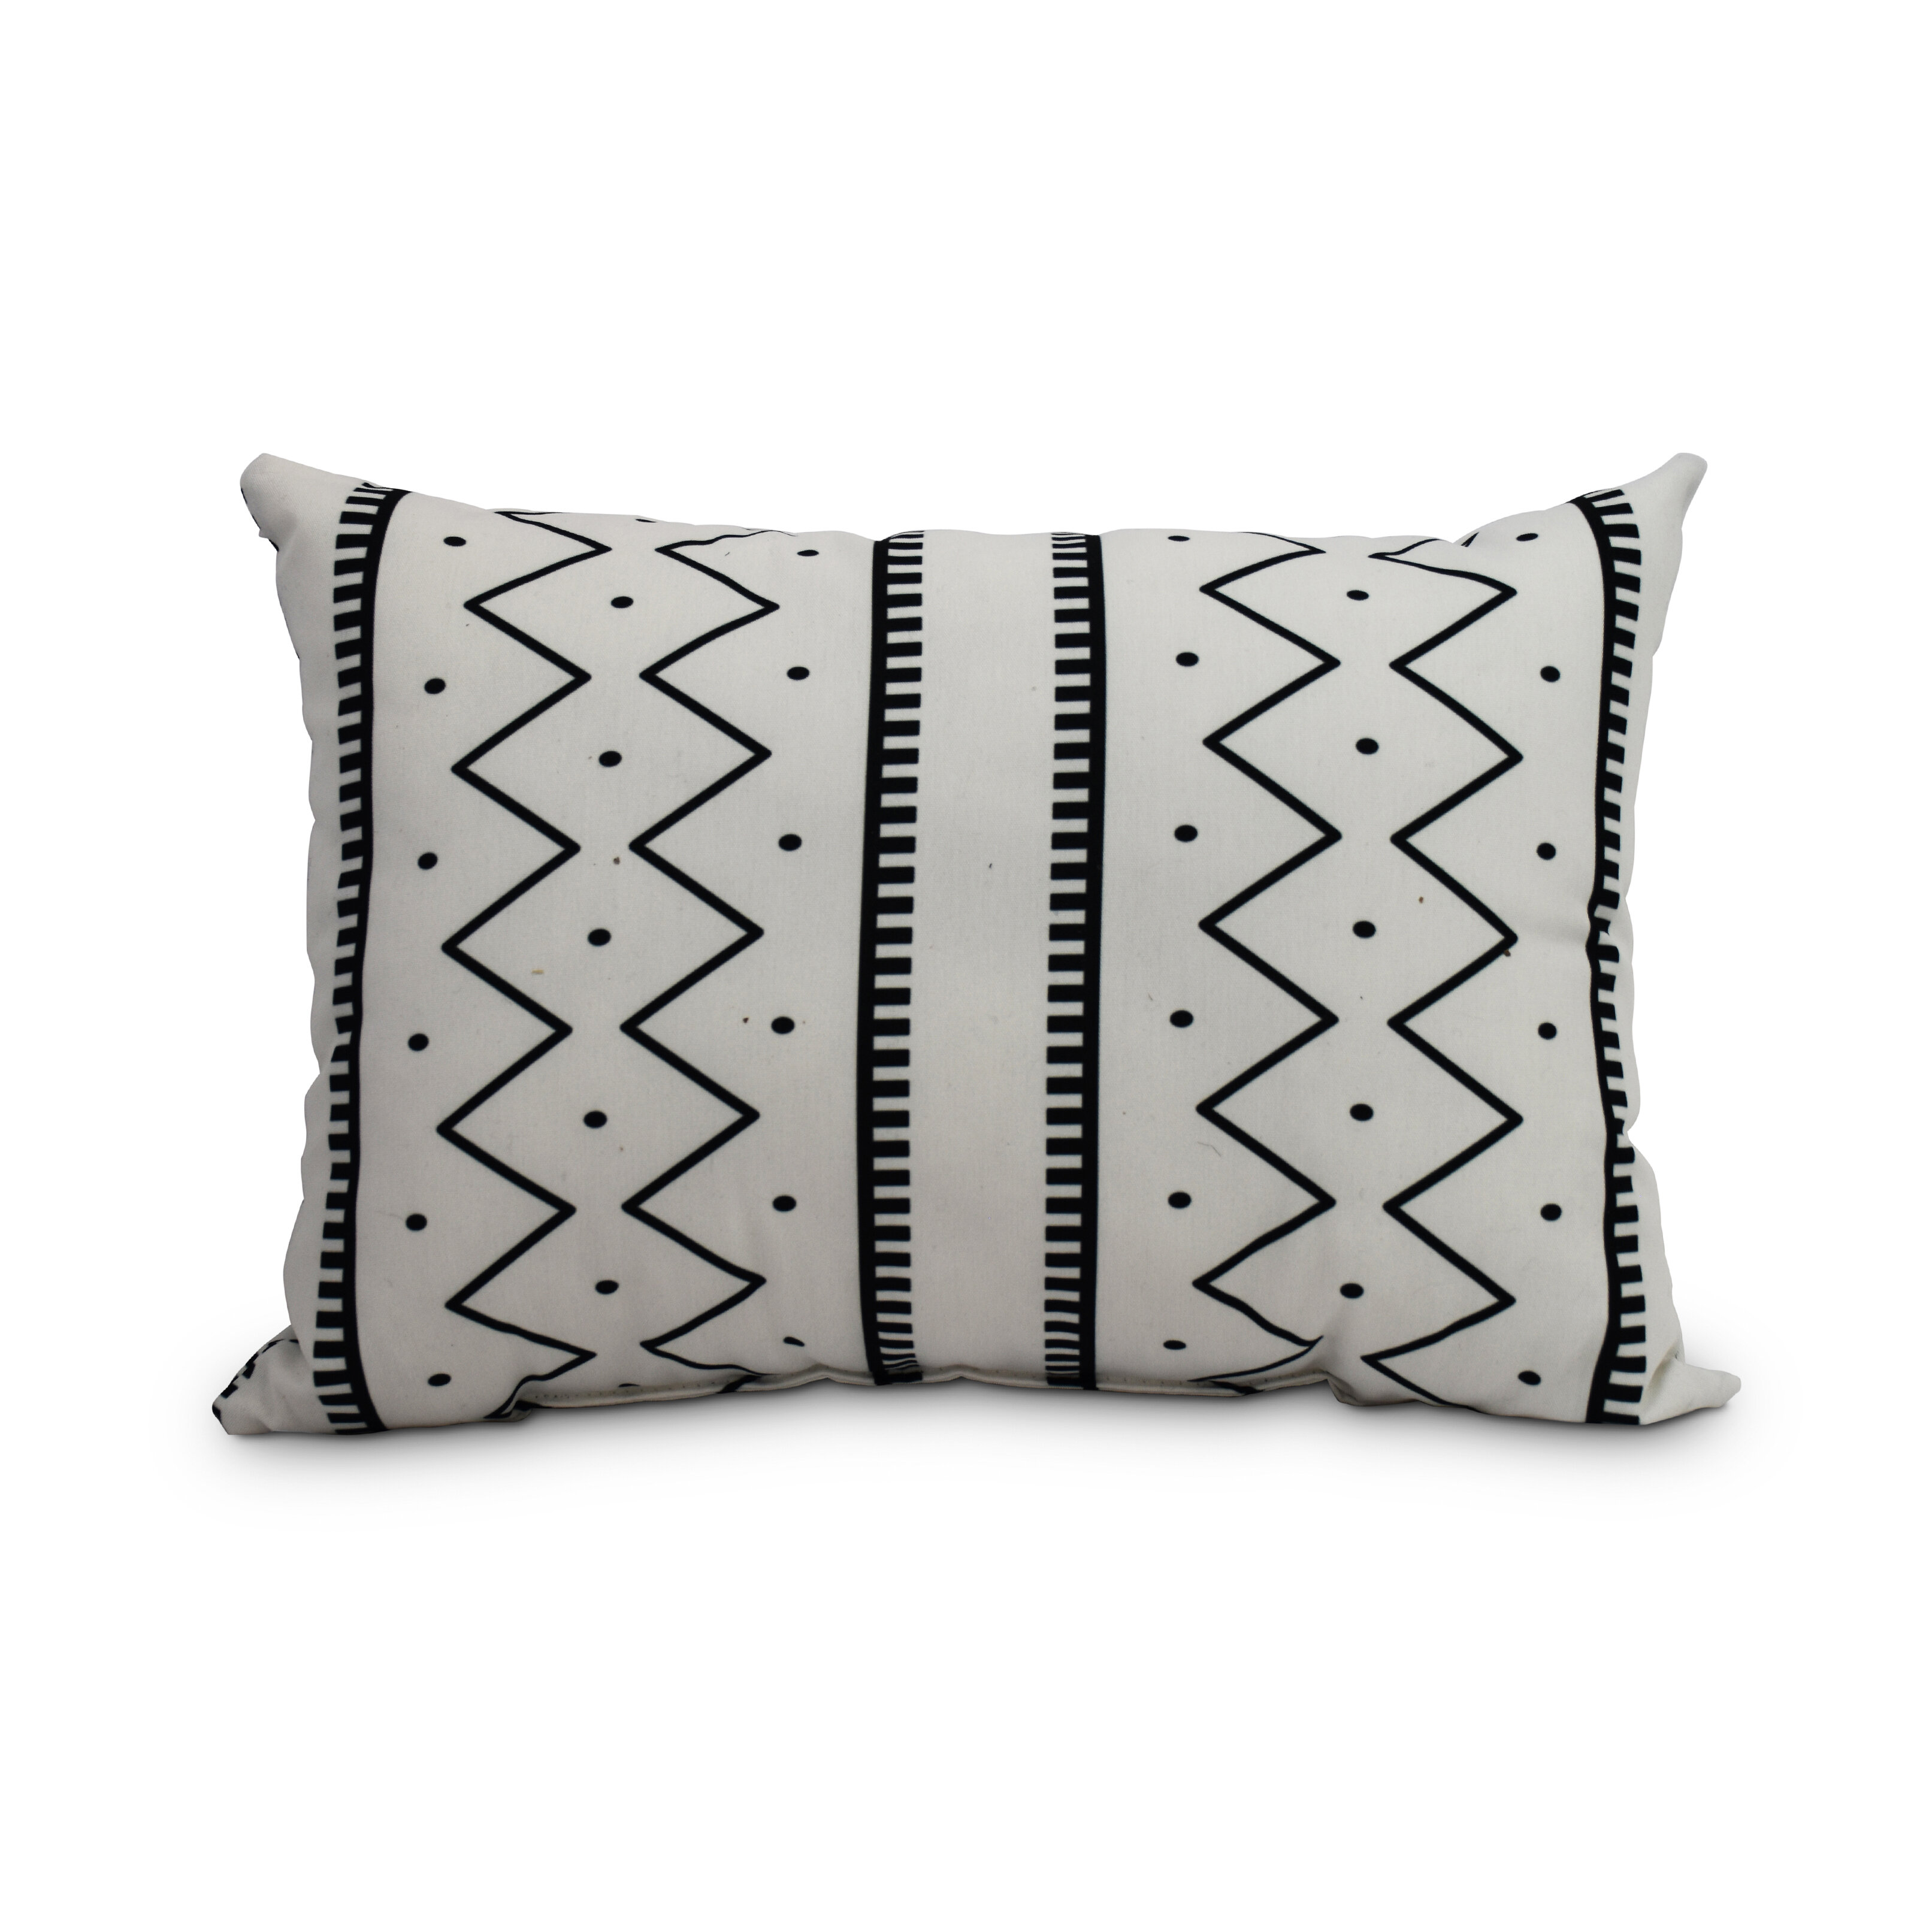 Union Rustic Odaniel Mudcloth Abstract Decorative Indoor Outdoor Lumbar Pillow Wayfair